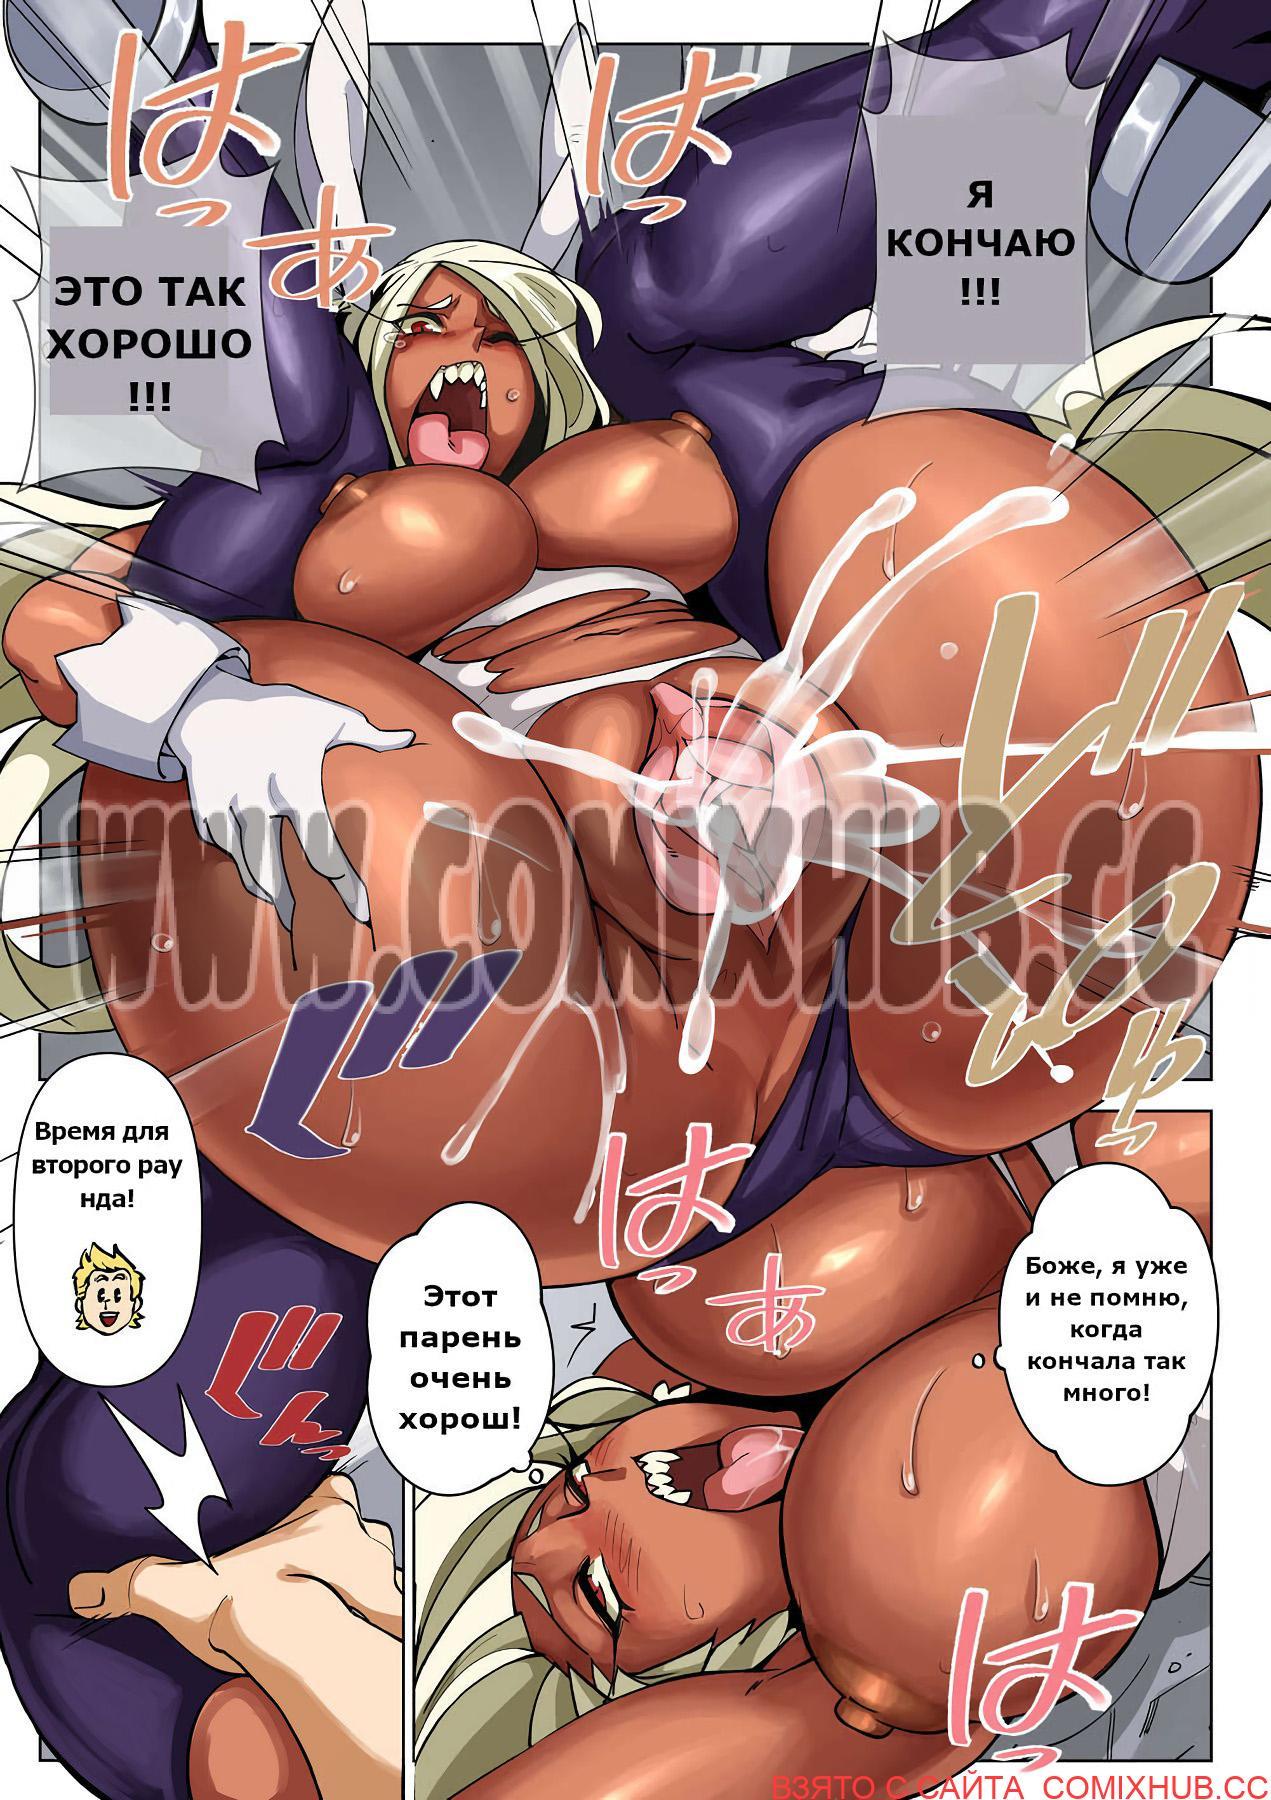 Мирко и странная любовь, порно комиксы Большая попа, Порно комиксы